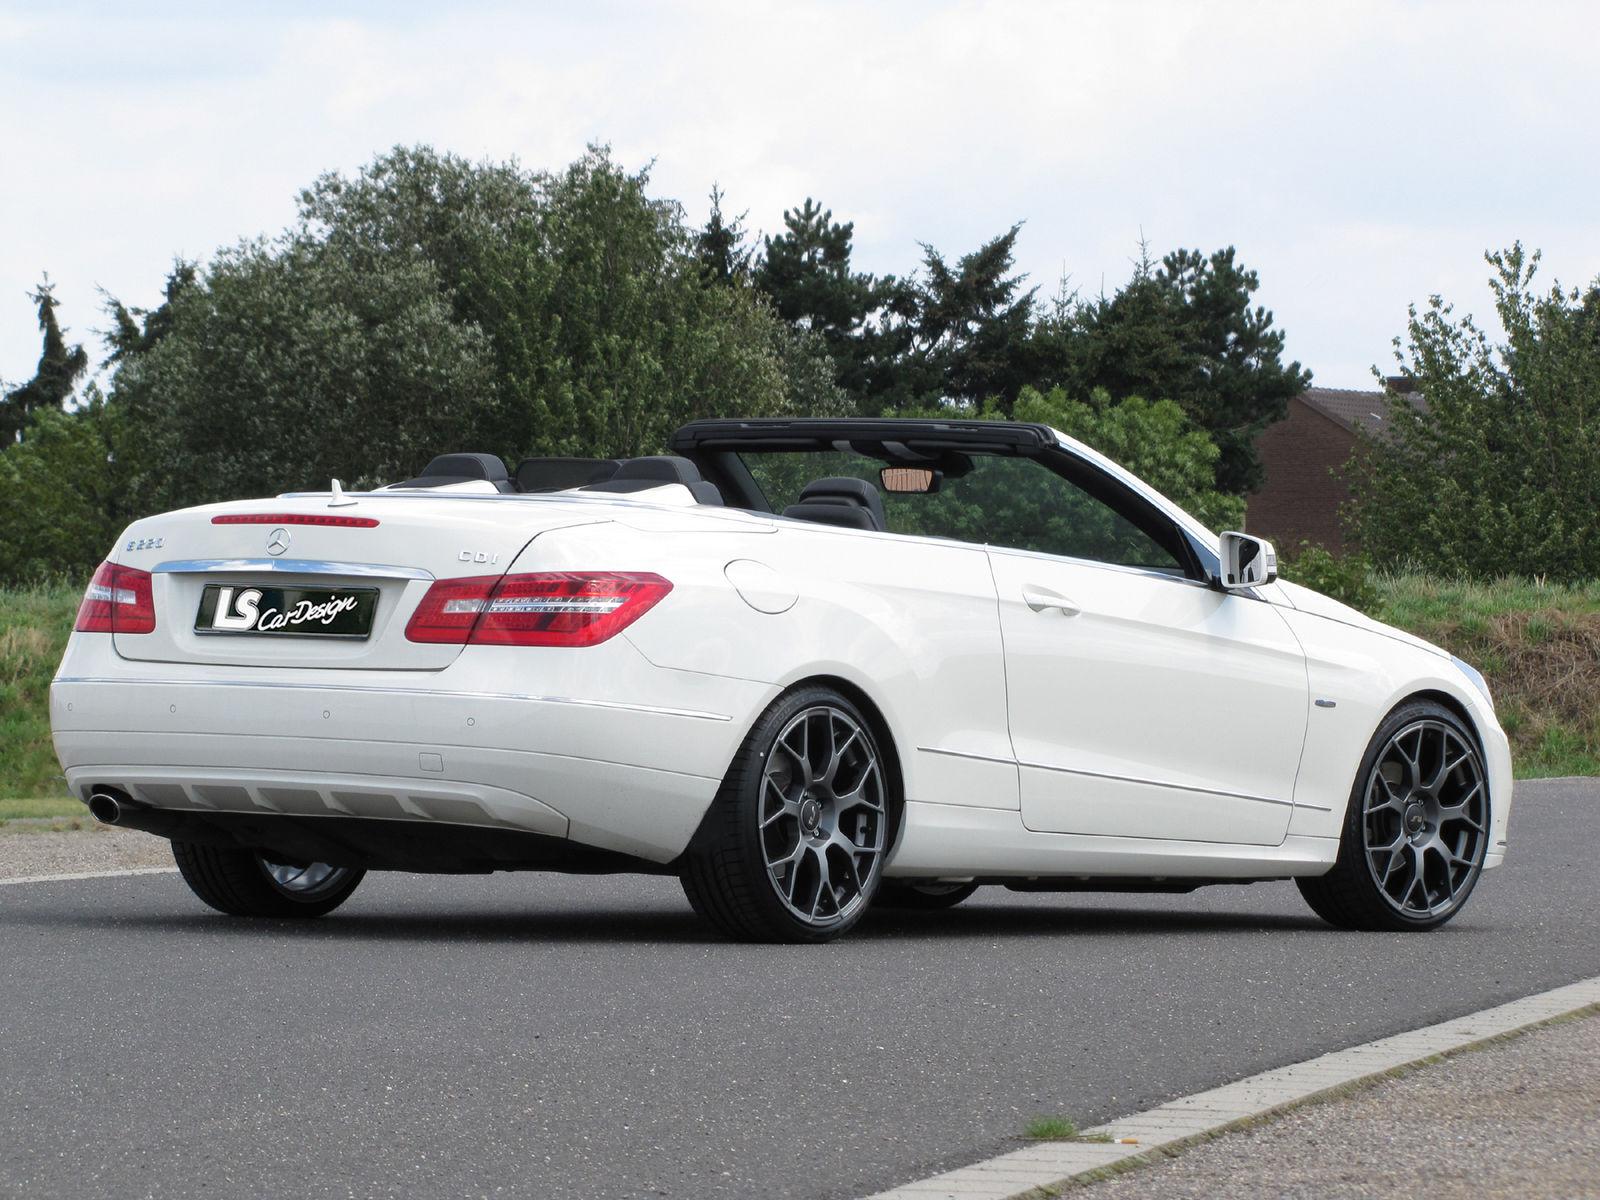 News Alufelgen Neu Mercedes E Klasse Cabrio Hinterachse 9 5x19 255 30zr19 Vorderachse 8 5x19